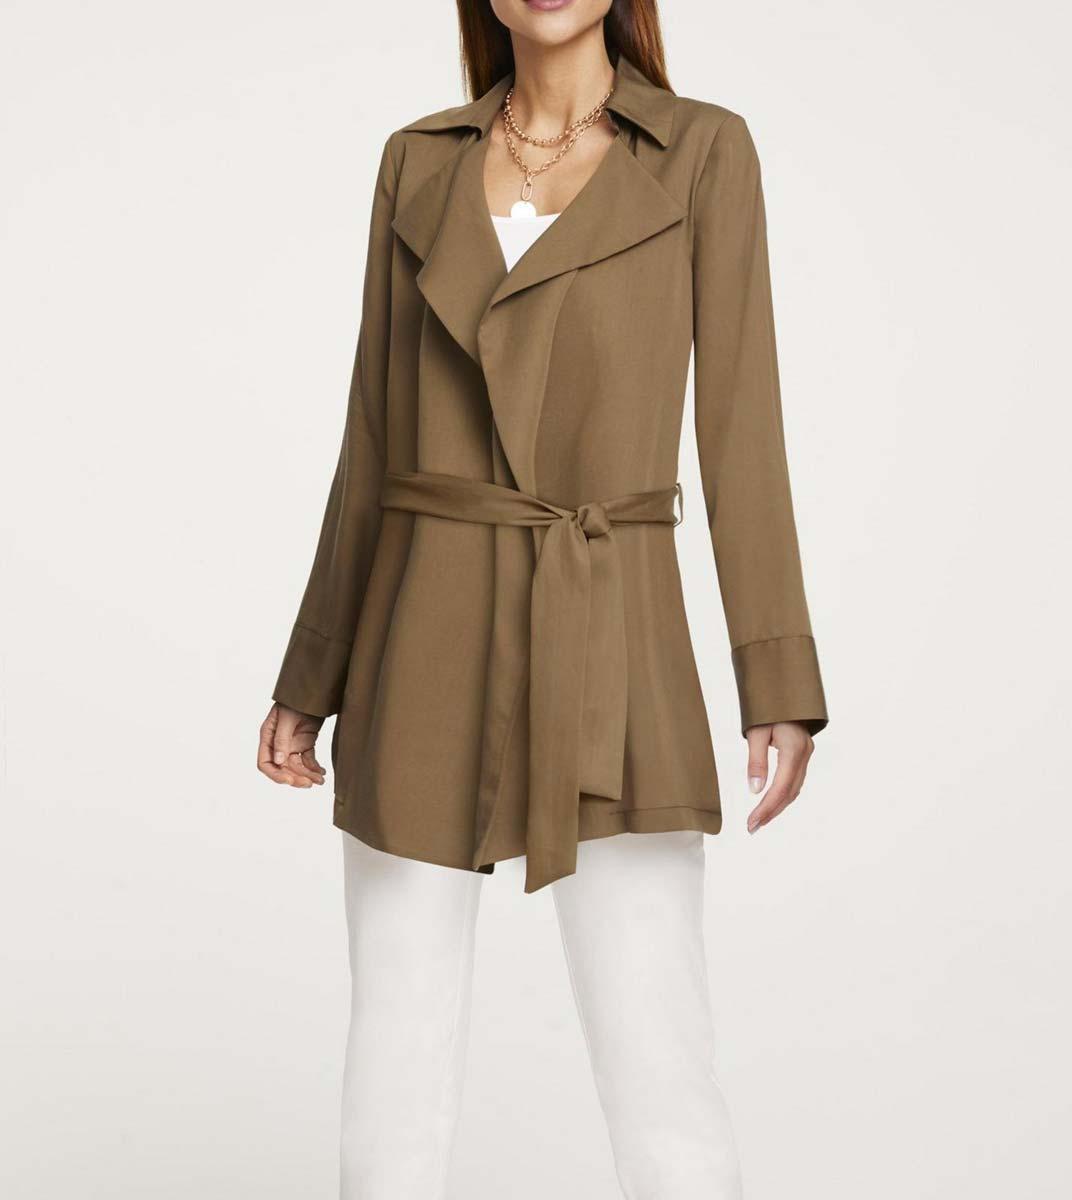 jacken auf rechnung bestellen als neukunde Damenjacken Damen Jacke lang braun Damenjacke Frühling elegant mit Gürtel Heine 566.949 MISSFORTY